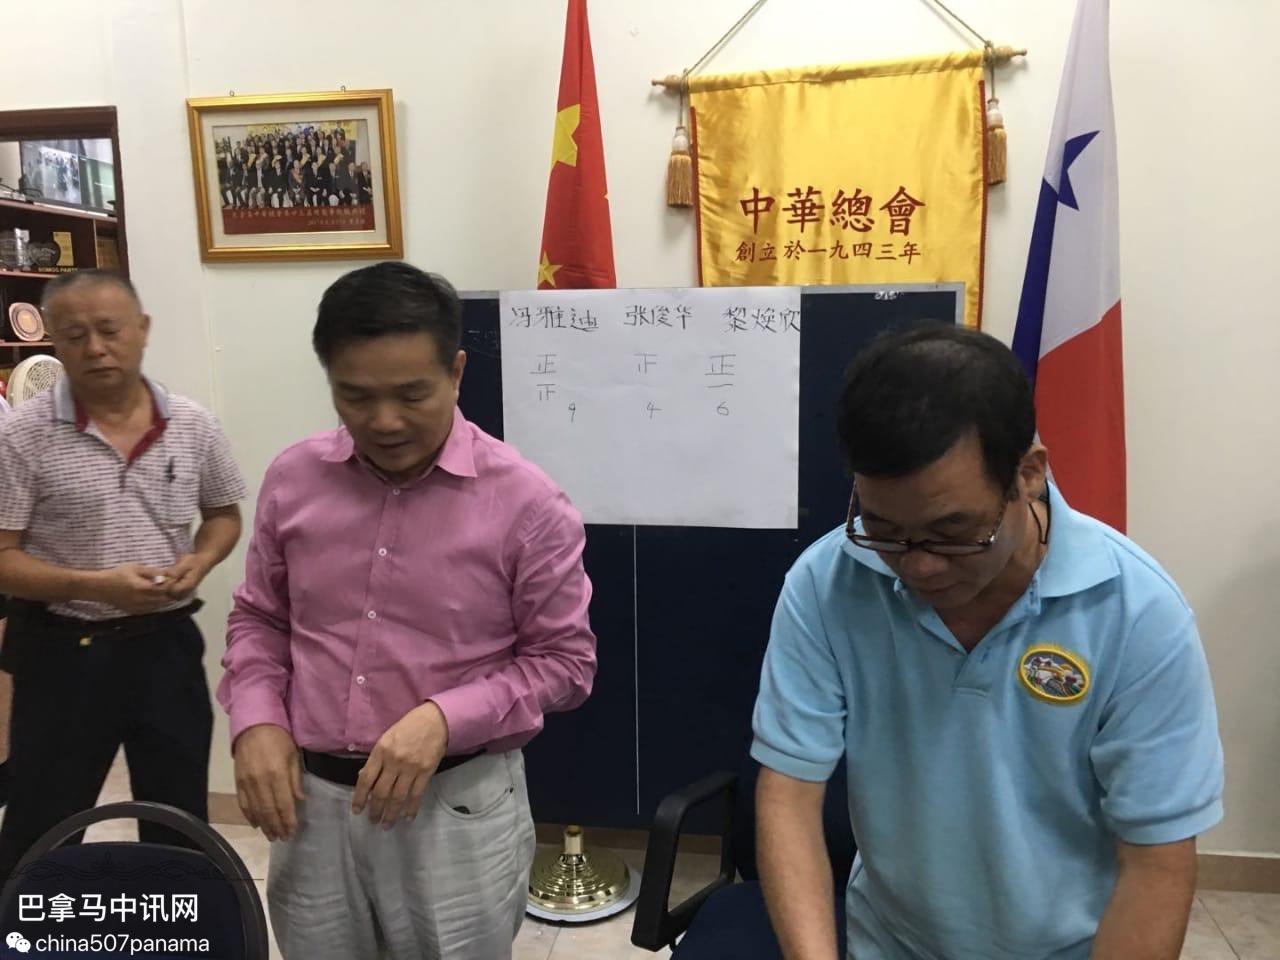 巴拿马中华总会举行第二十四届理监事换届选举(图)